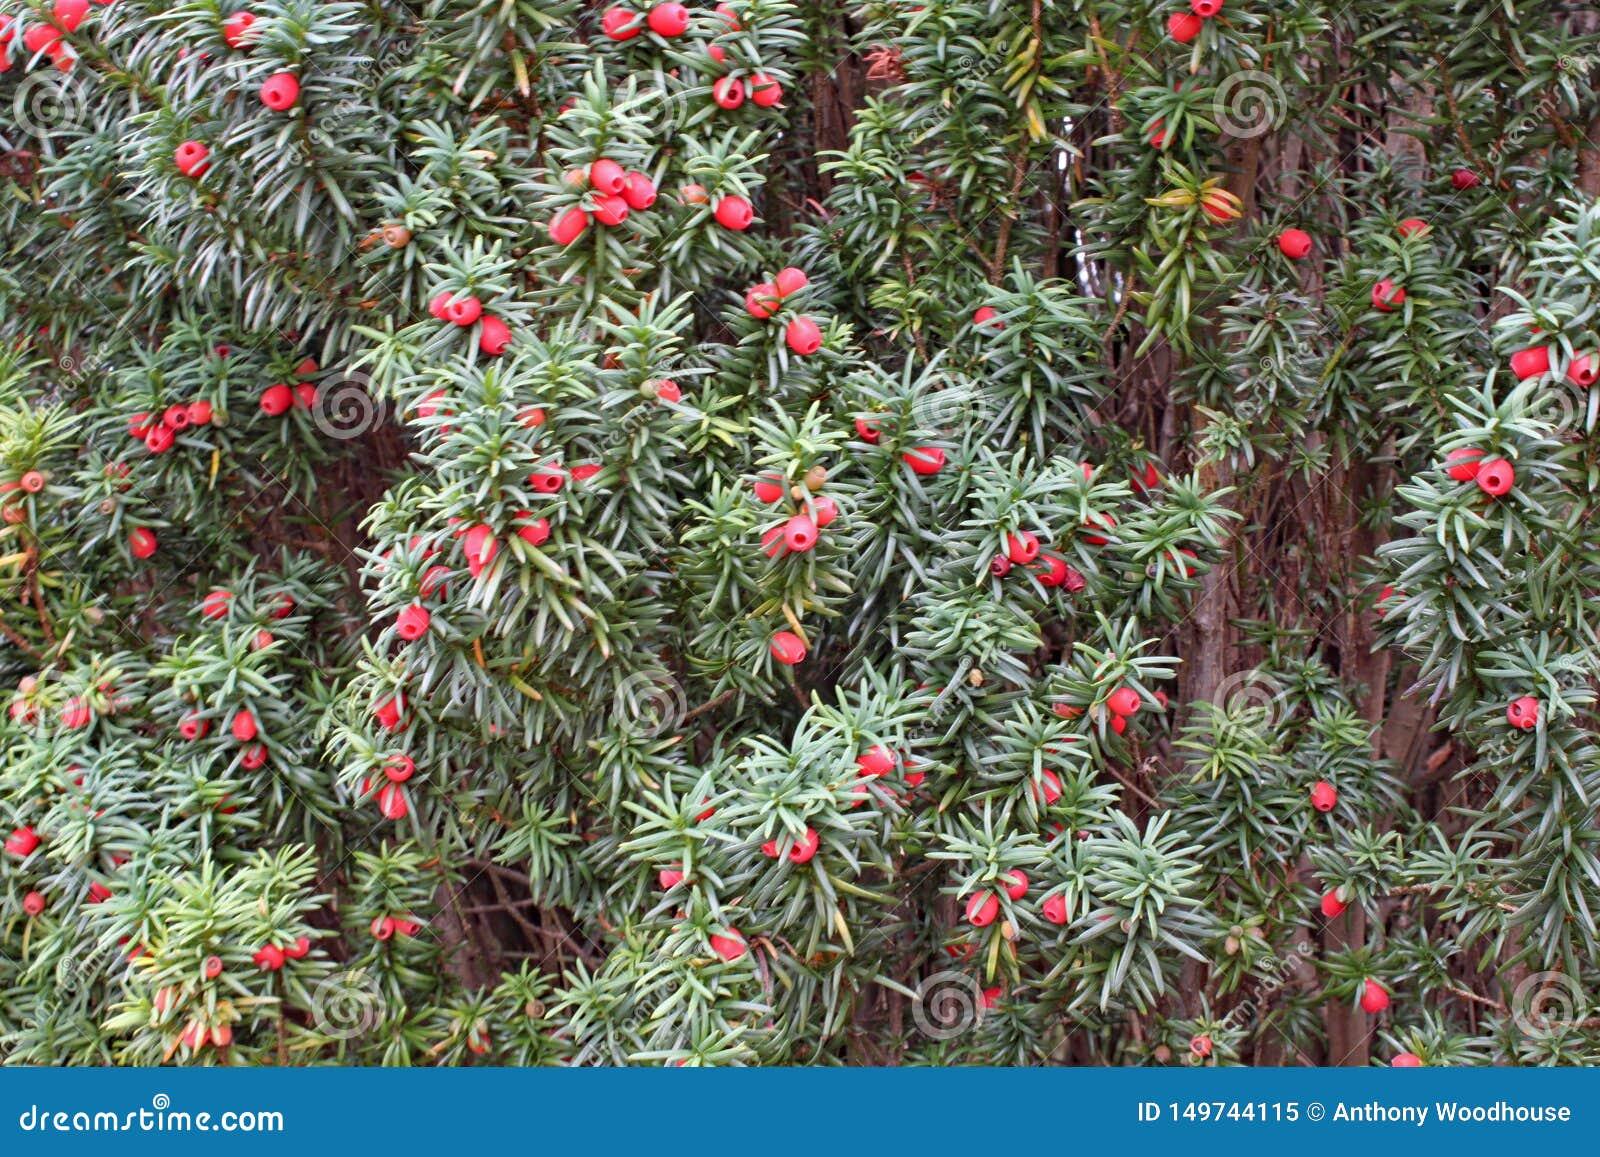 Eine Masse von den Eibenbaumbeeren, die auf einem Baum wachsen